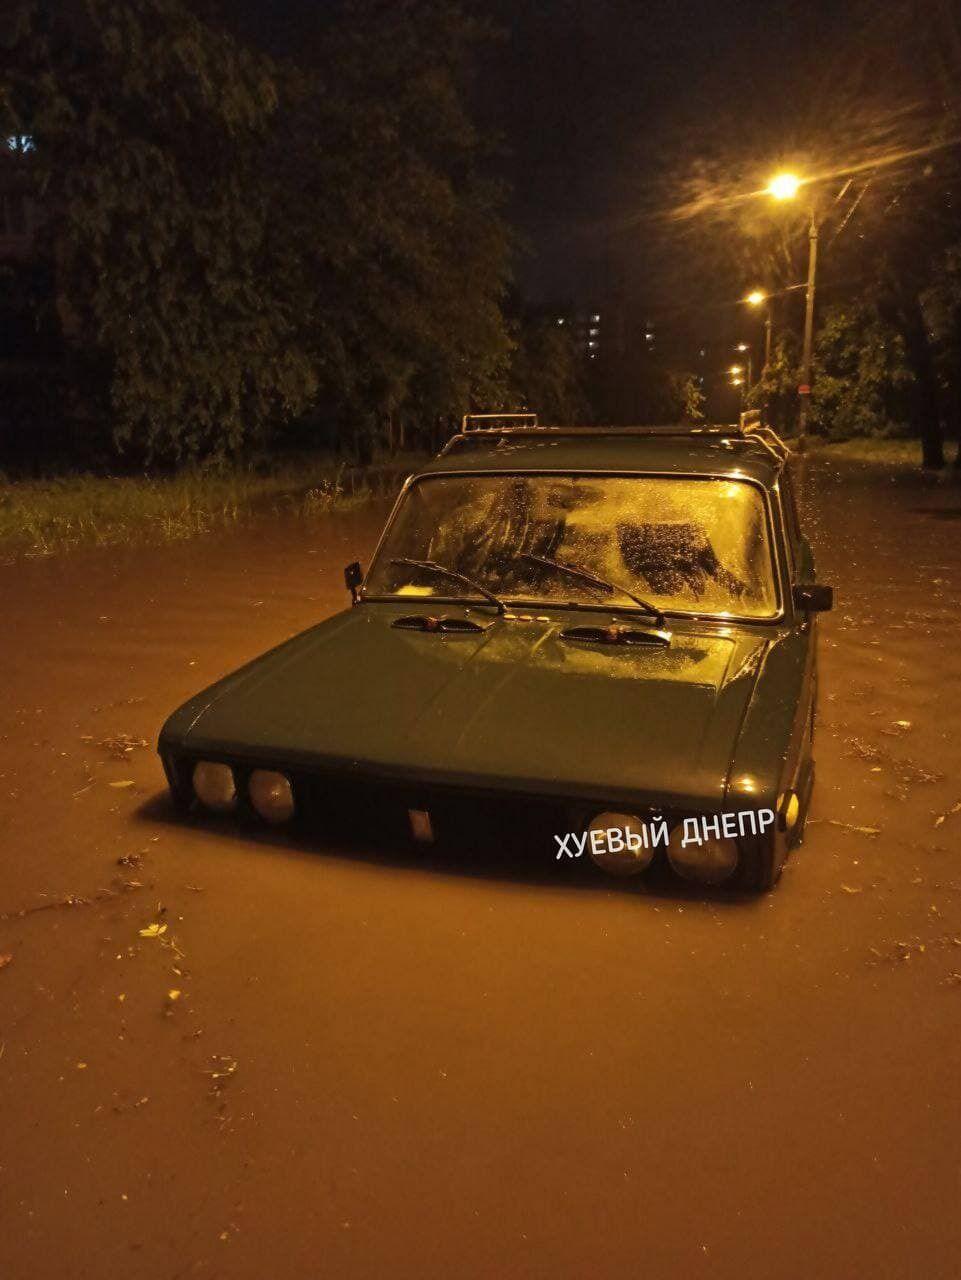 Улицы в Днепре затопило.